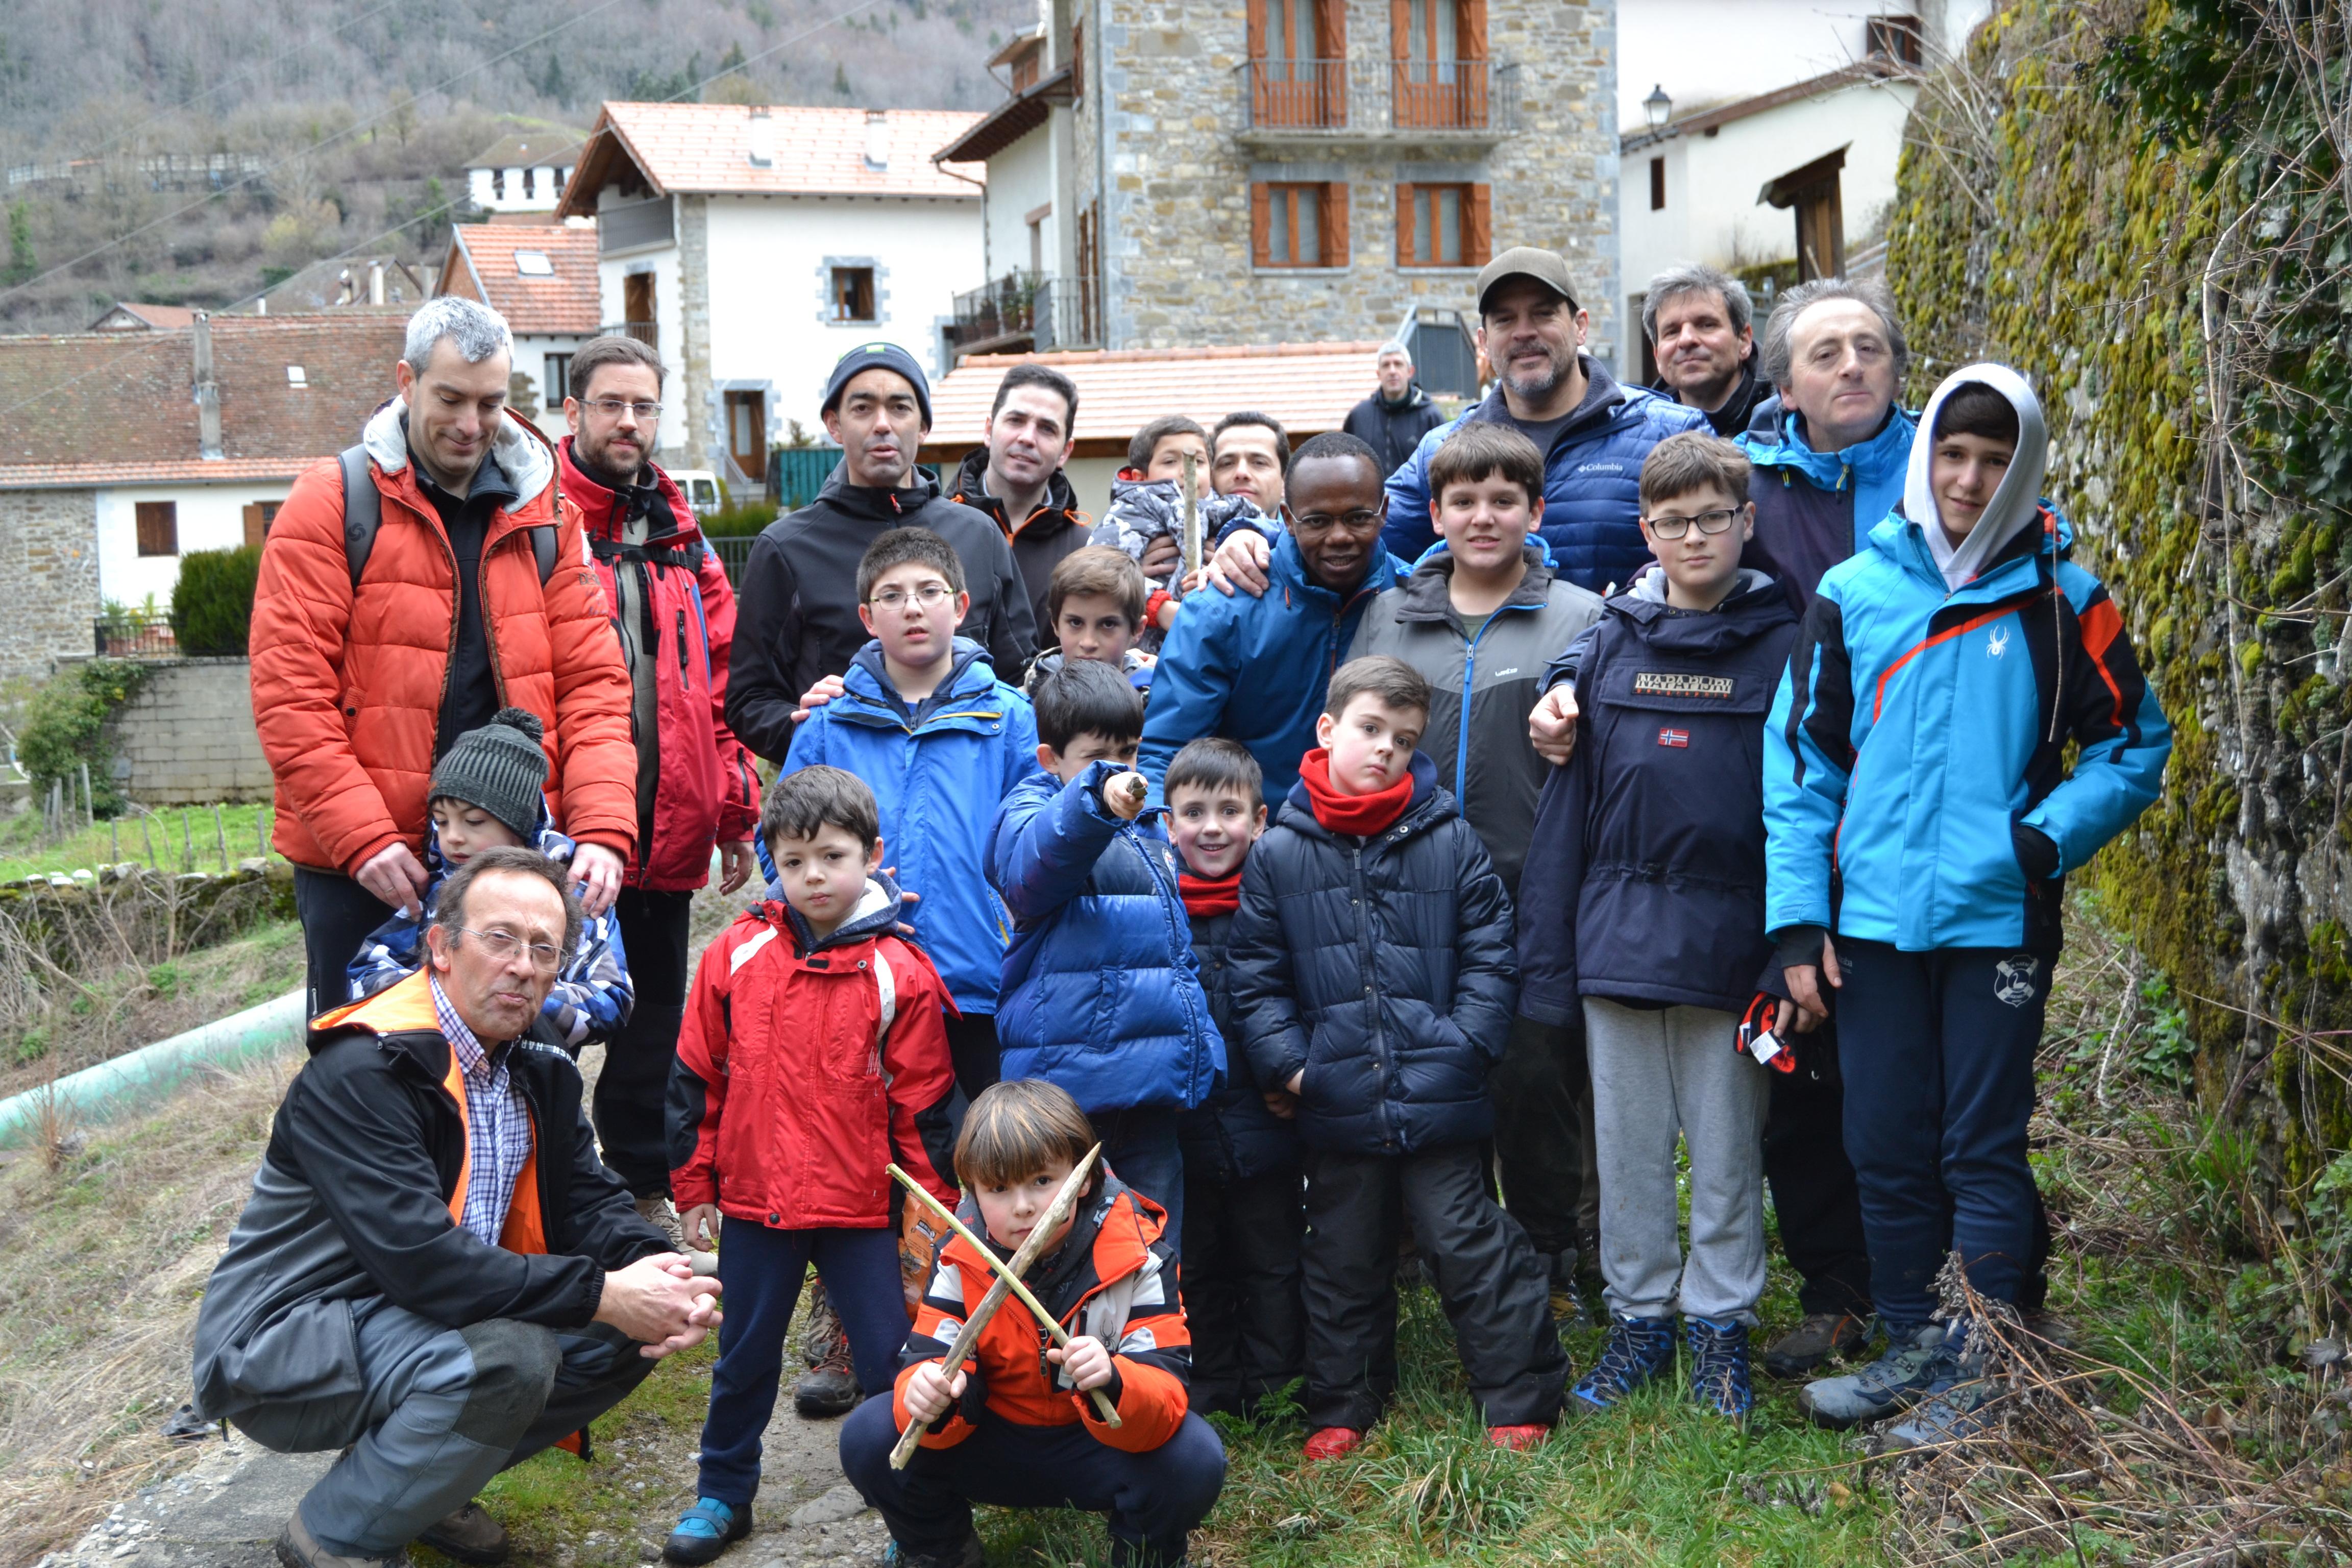 Convivencia Padres+Hijos en Belabarce 2018